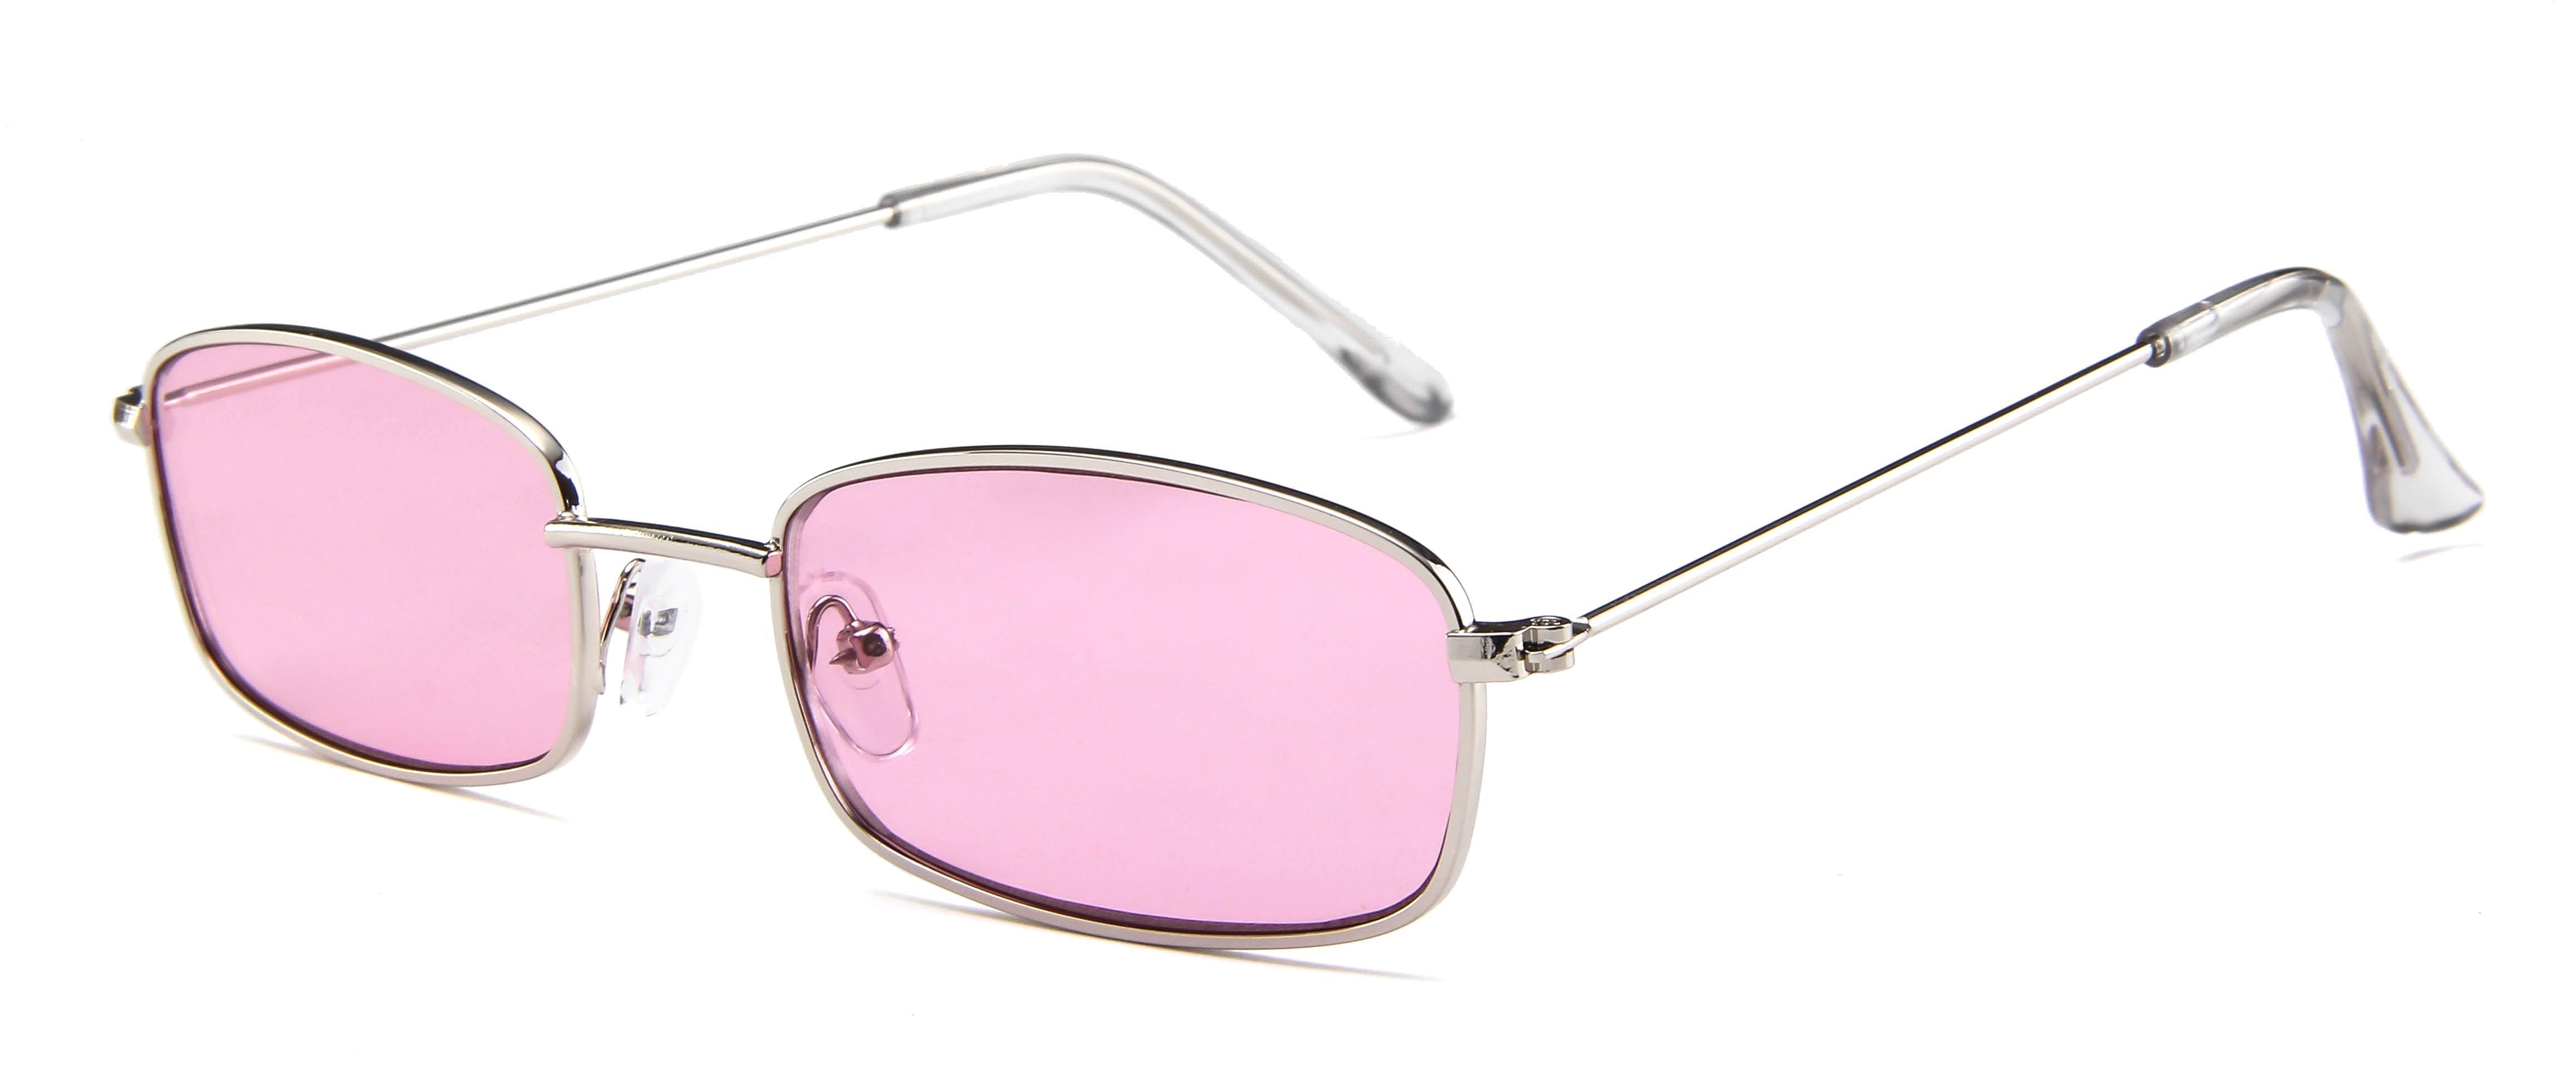 2020 جديد أعلى جودة نظارات شمسية جديدة للرجل امرأة Erika نظارات ماركة مصمم نظارات الشمس uv400 عدسات ب jllumw bde_jewelry